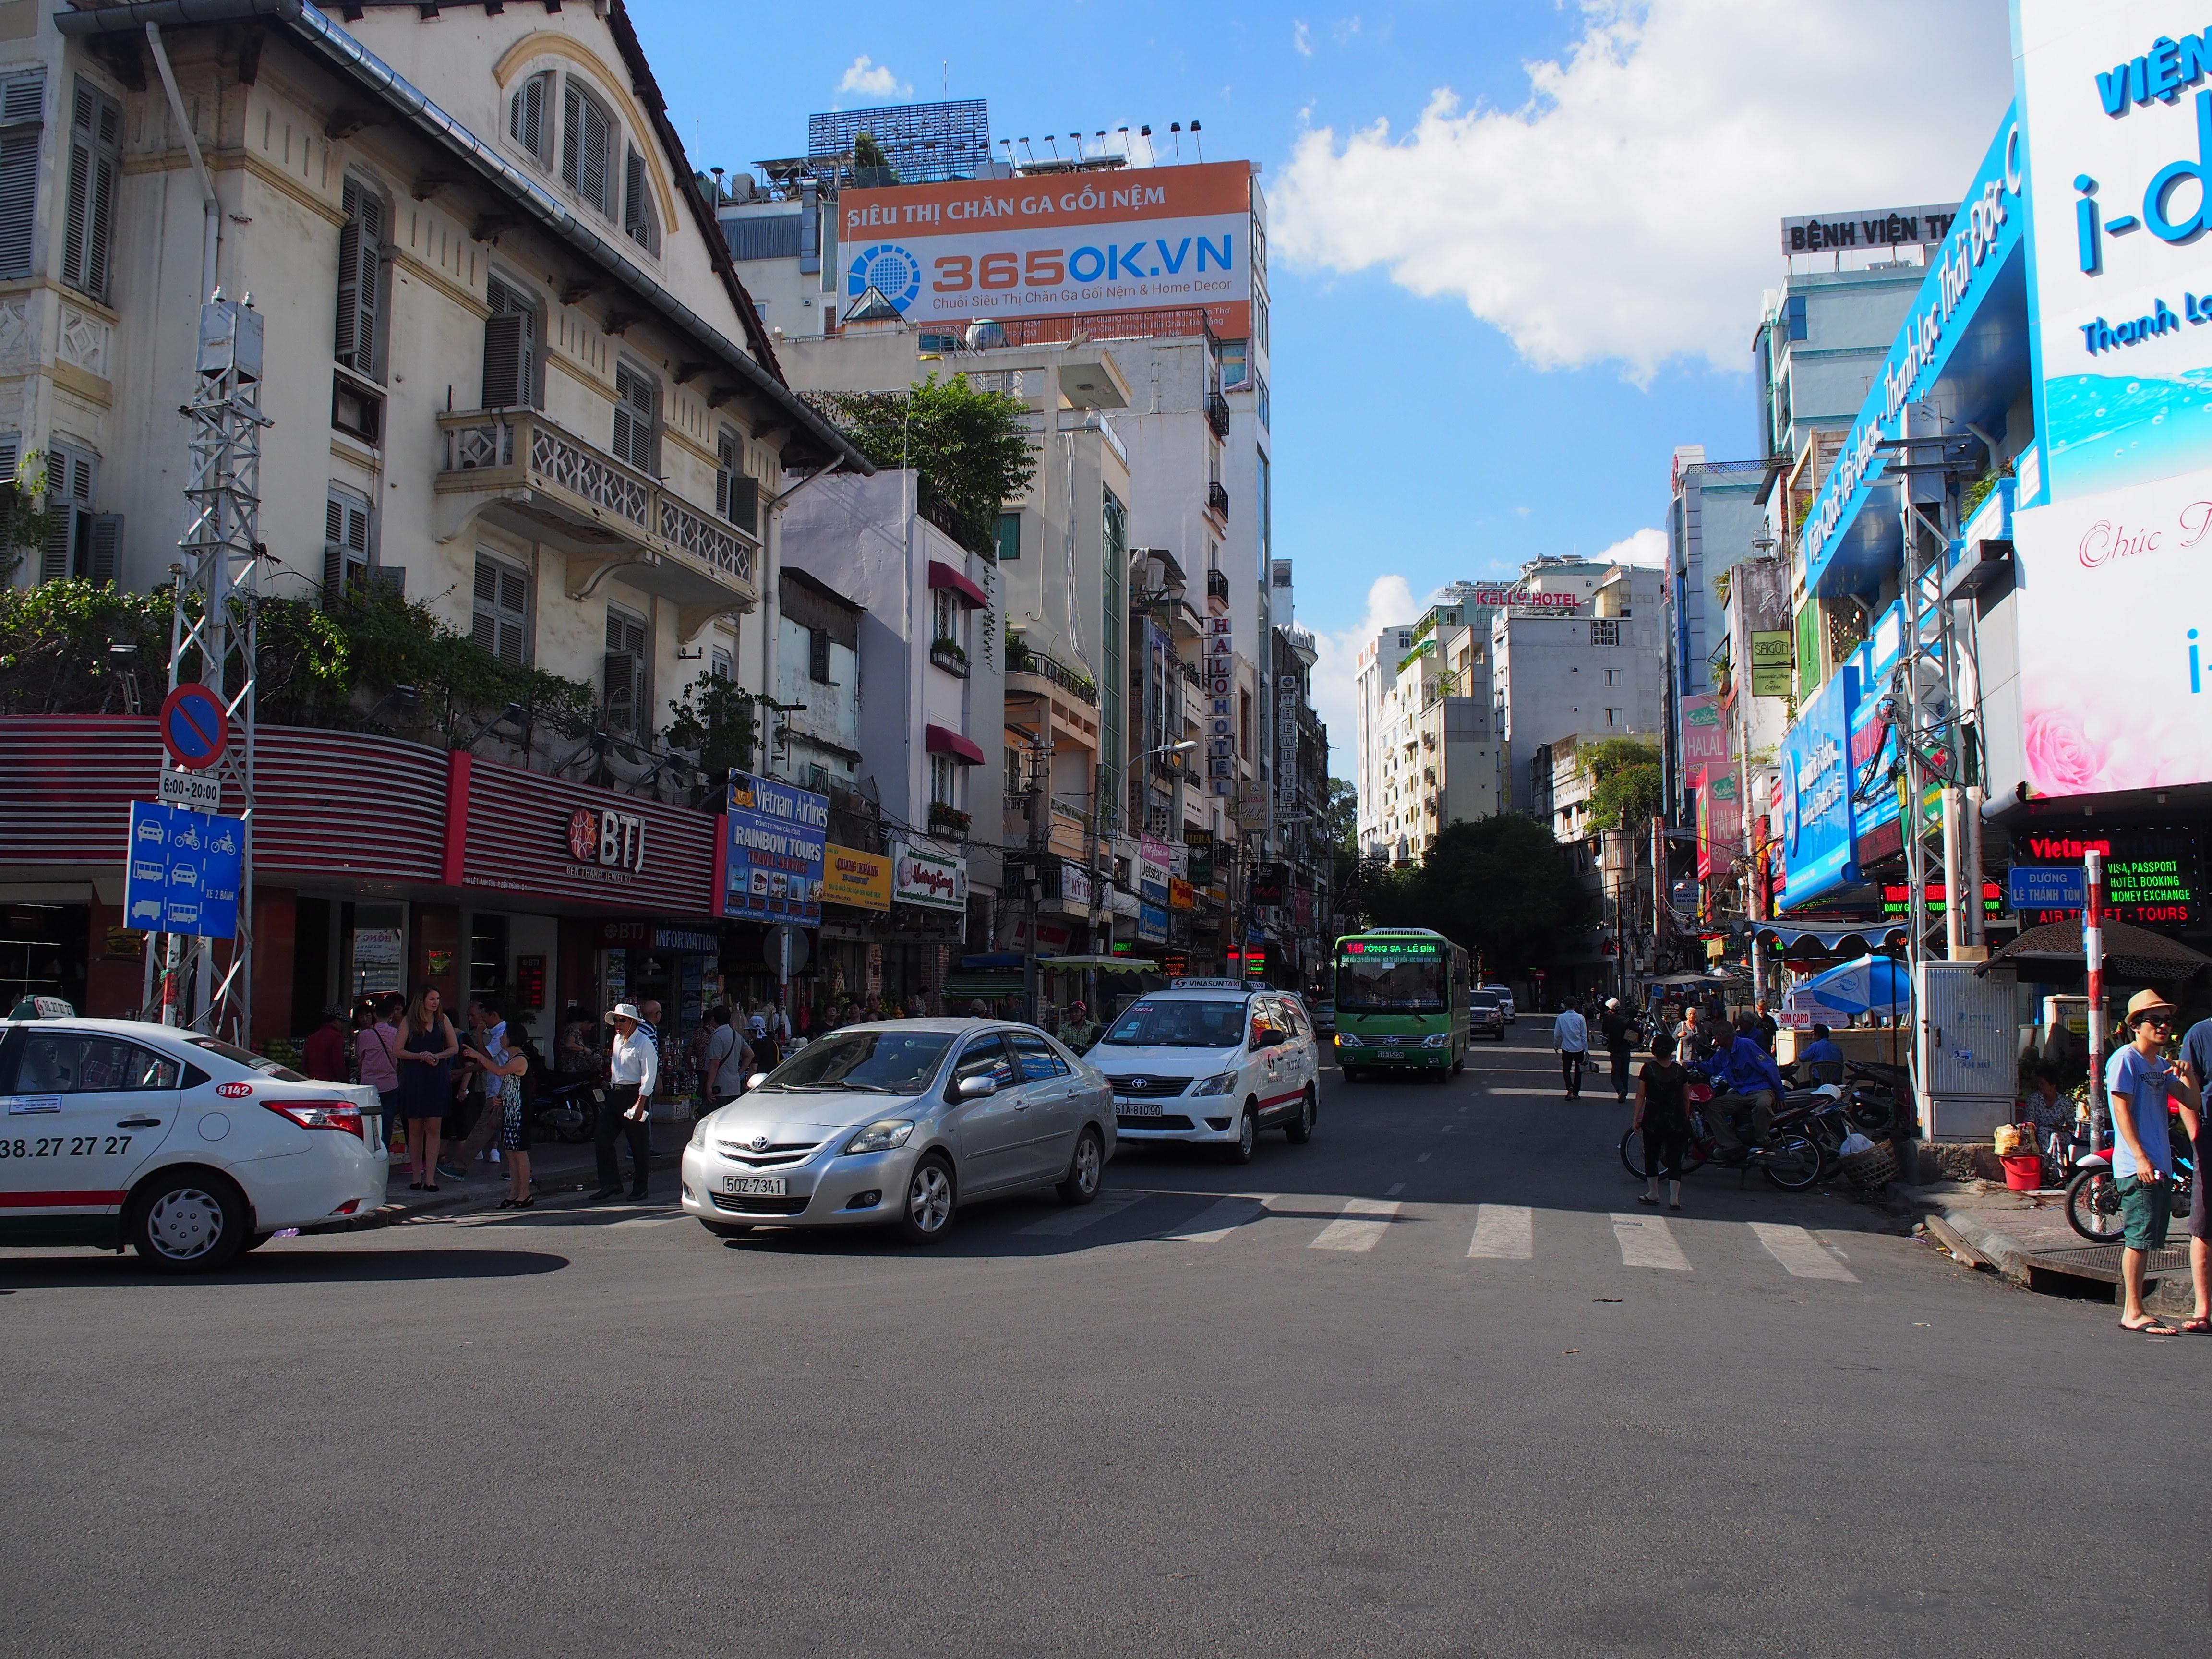 Thu Khoa Hoan通り